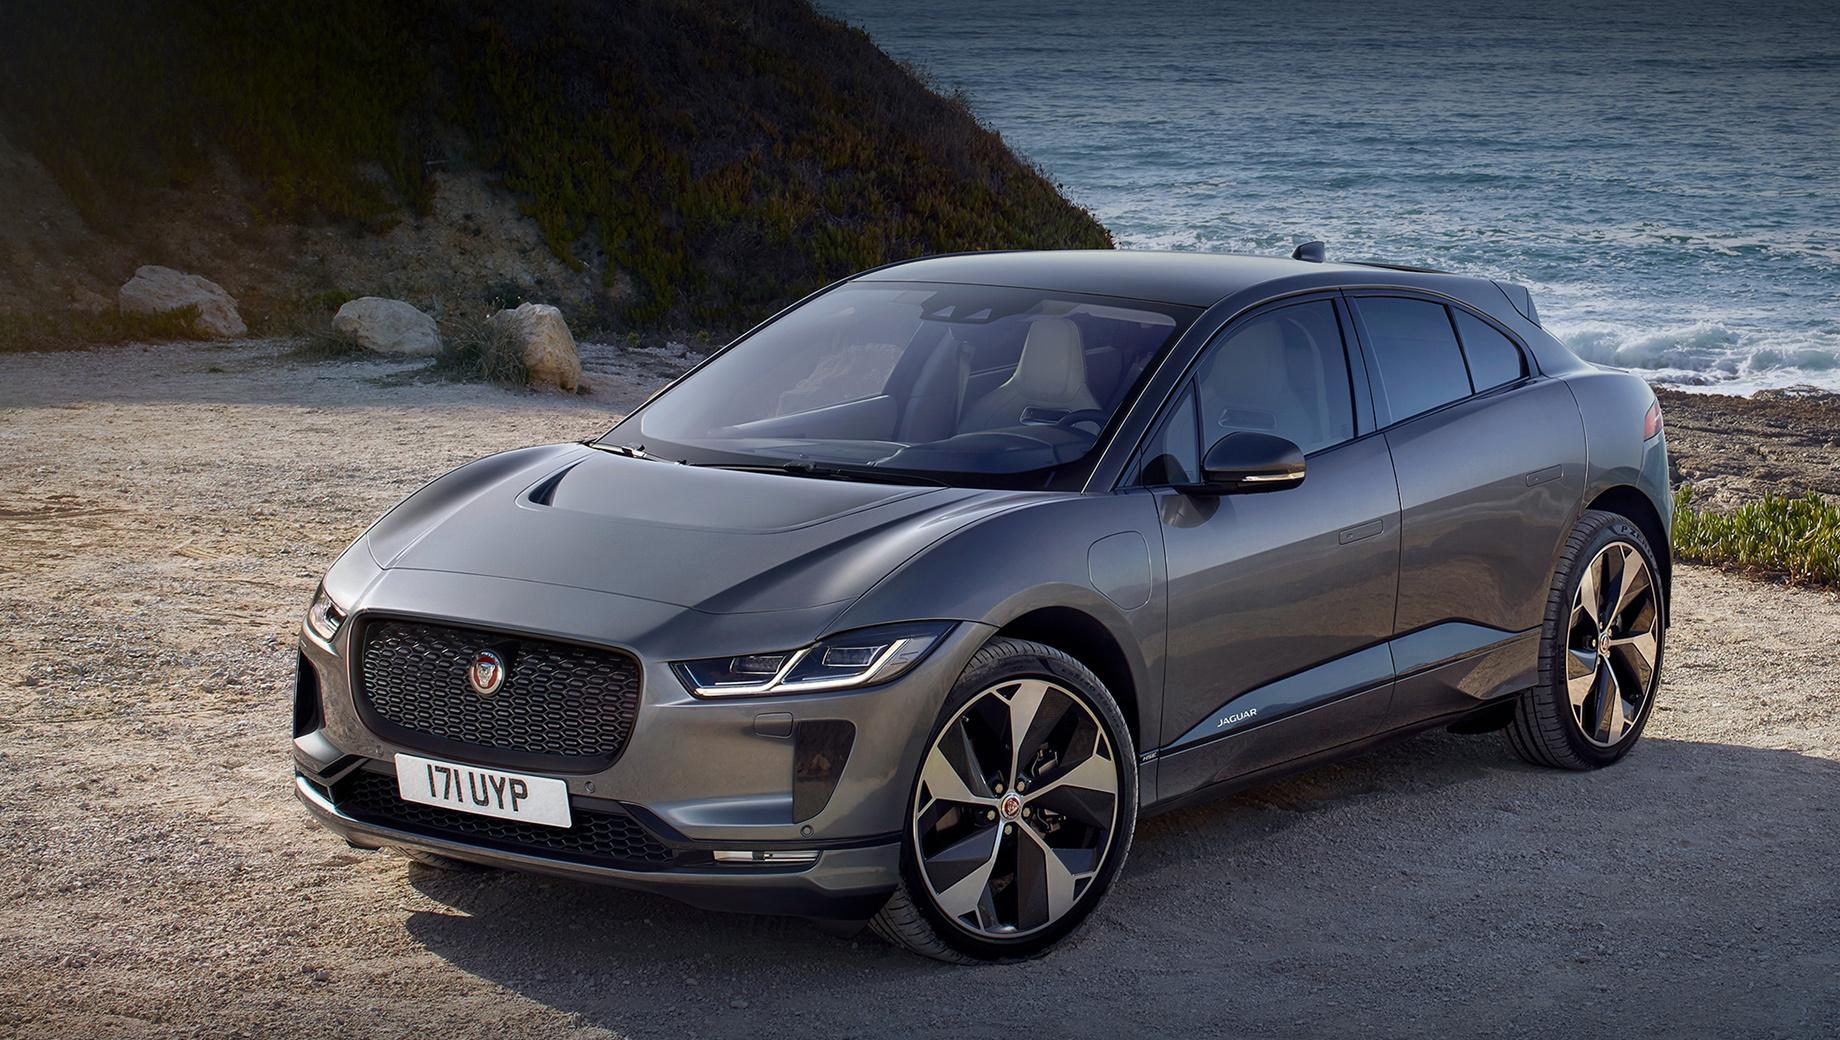 Jaguar i-pace,Audi e-tron,Mercedes eqc. За прошлый год россияне купили 128 паркетников Jaguar I-Pace. С января по конец апреля 2020-го продано 20 машин. Двухмоторная установка «ай-пейса» выдаёт 400 л.с., 696 Н•м. Батарейной ёмкости в 90 кВт•ч хватает на 480 км по стандарту WLTP.